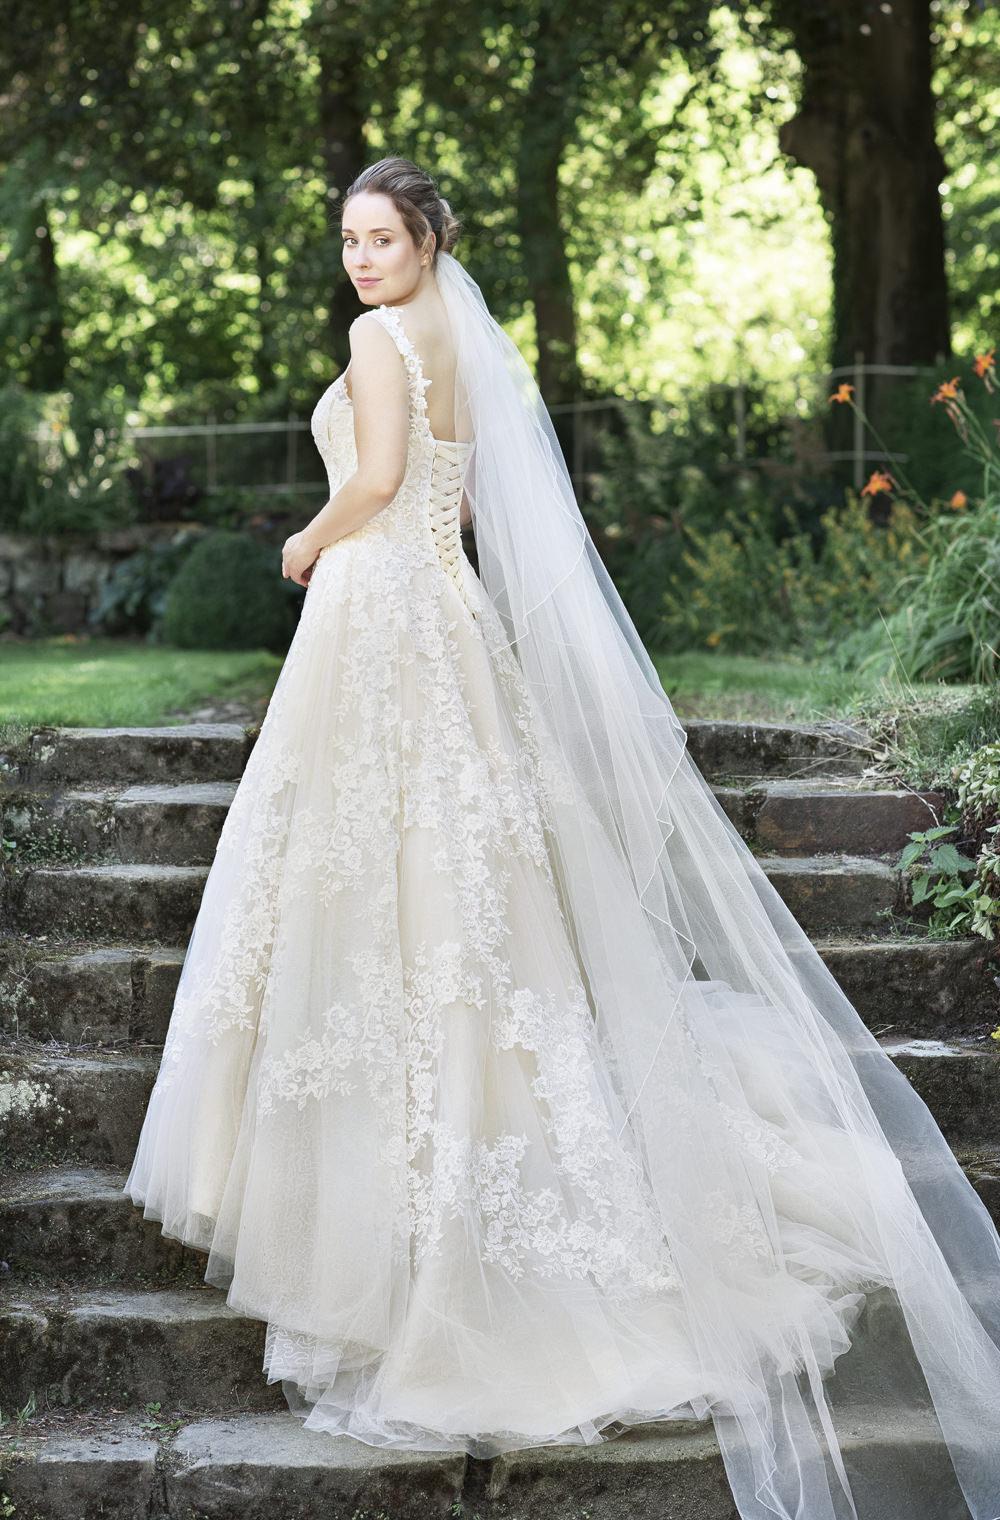 Formal Schön Weise Brautkleider Galerie10 Einzigartig Weise Brautkleider für 2019